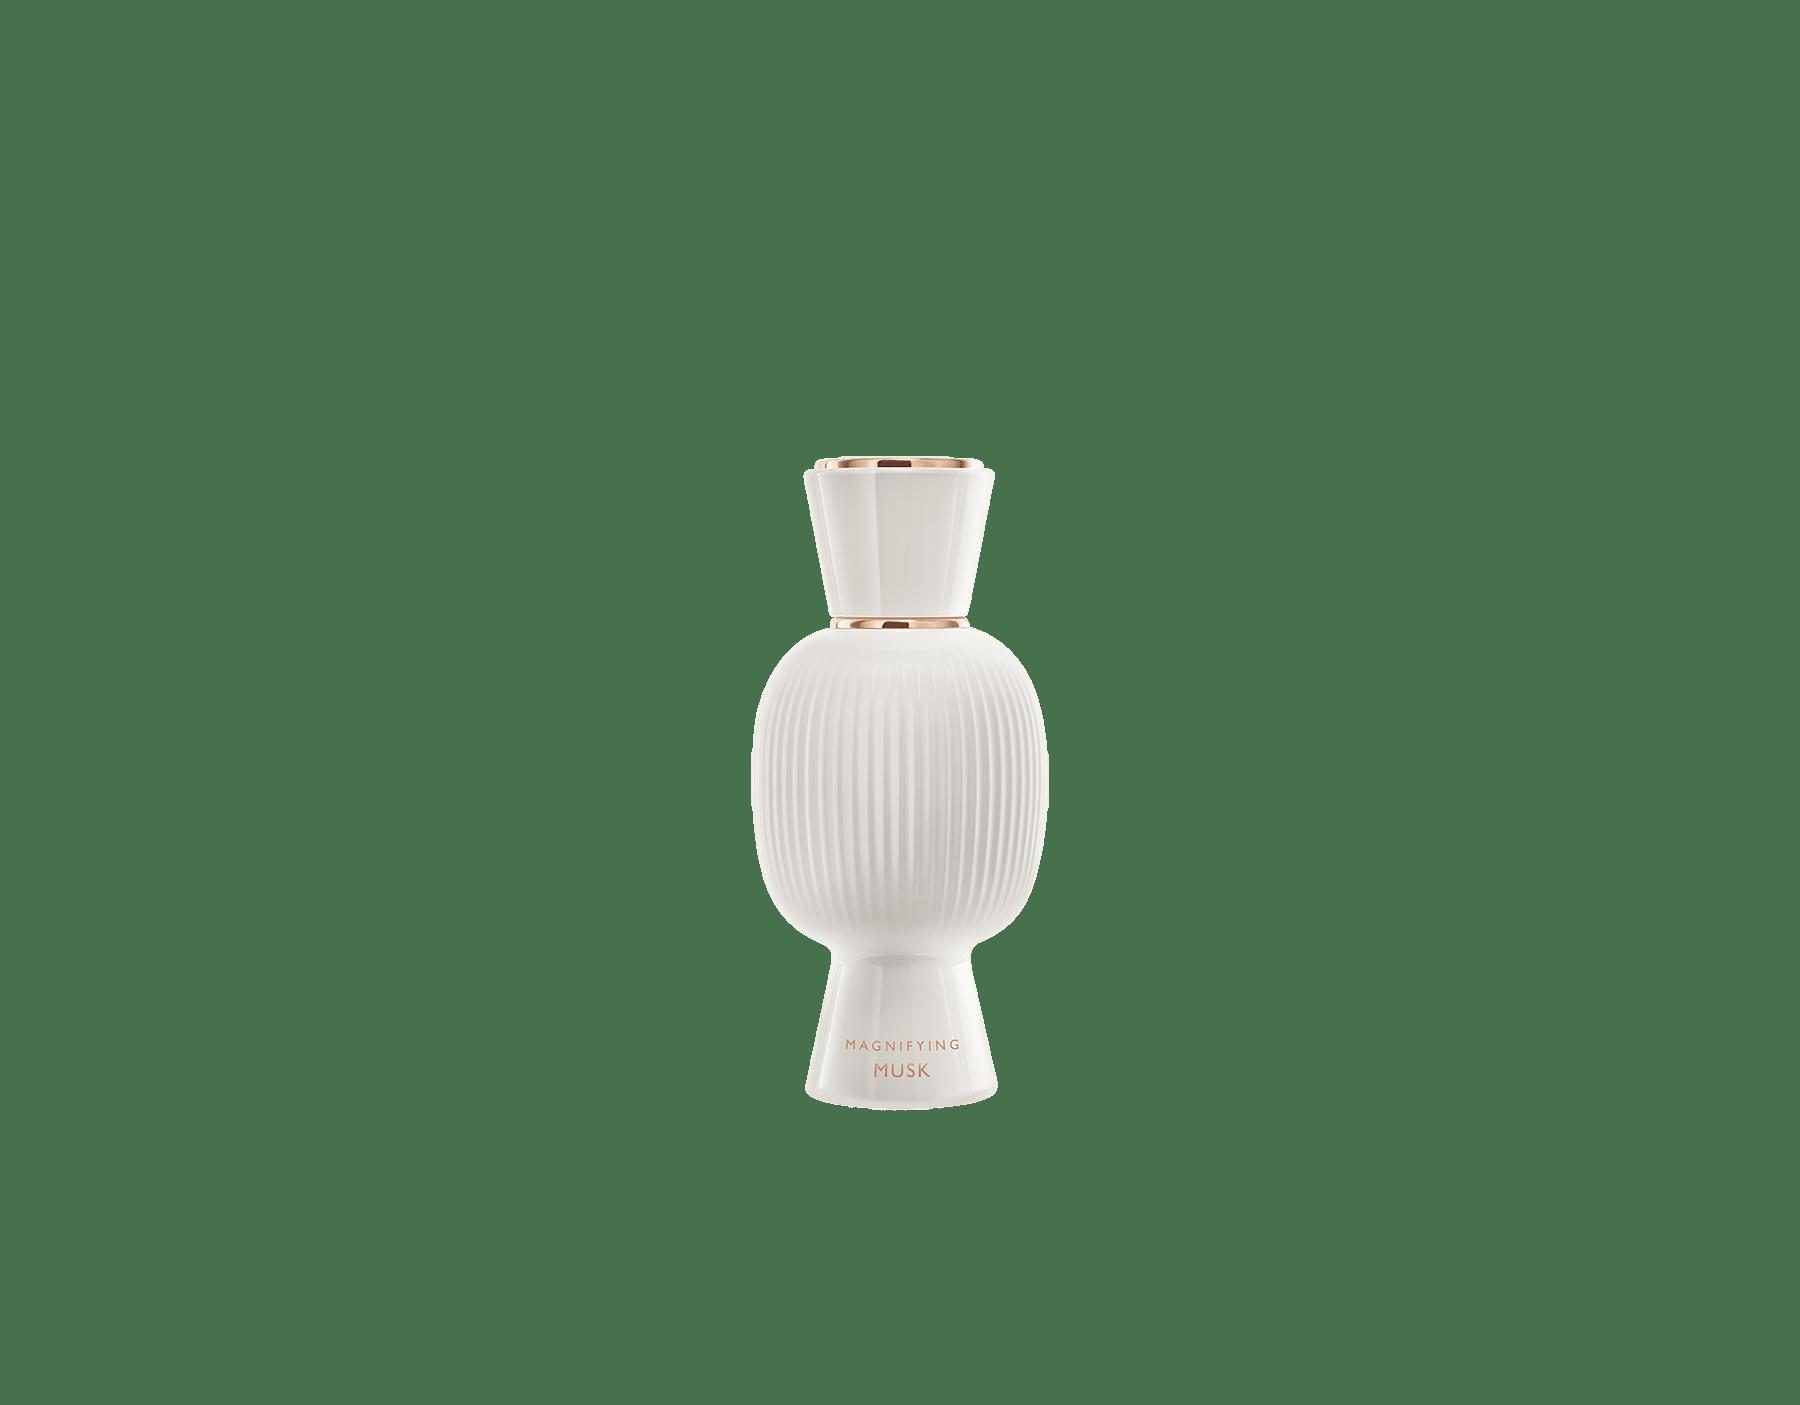 Una exclusiva combinación de perfumes, tan audaz y única como usted. El magnífico Eau de Parfum floral Fiori d'Amore de Allegra se combina con el toque cálido de la Magnifying Musk Essence, creando un irresistible perfume femenino personalizado. Perfume-Set-Fiori-d-Amore-Eau-de-Parfum-and-Musk-Magnifying image 3